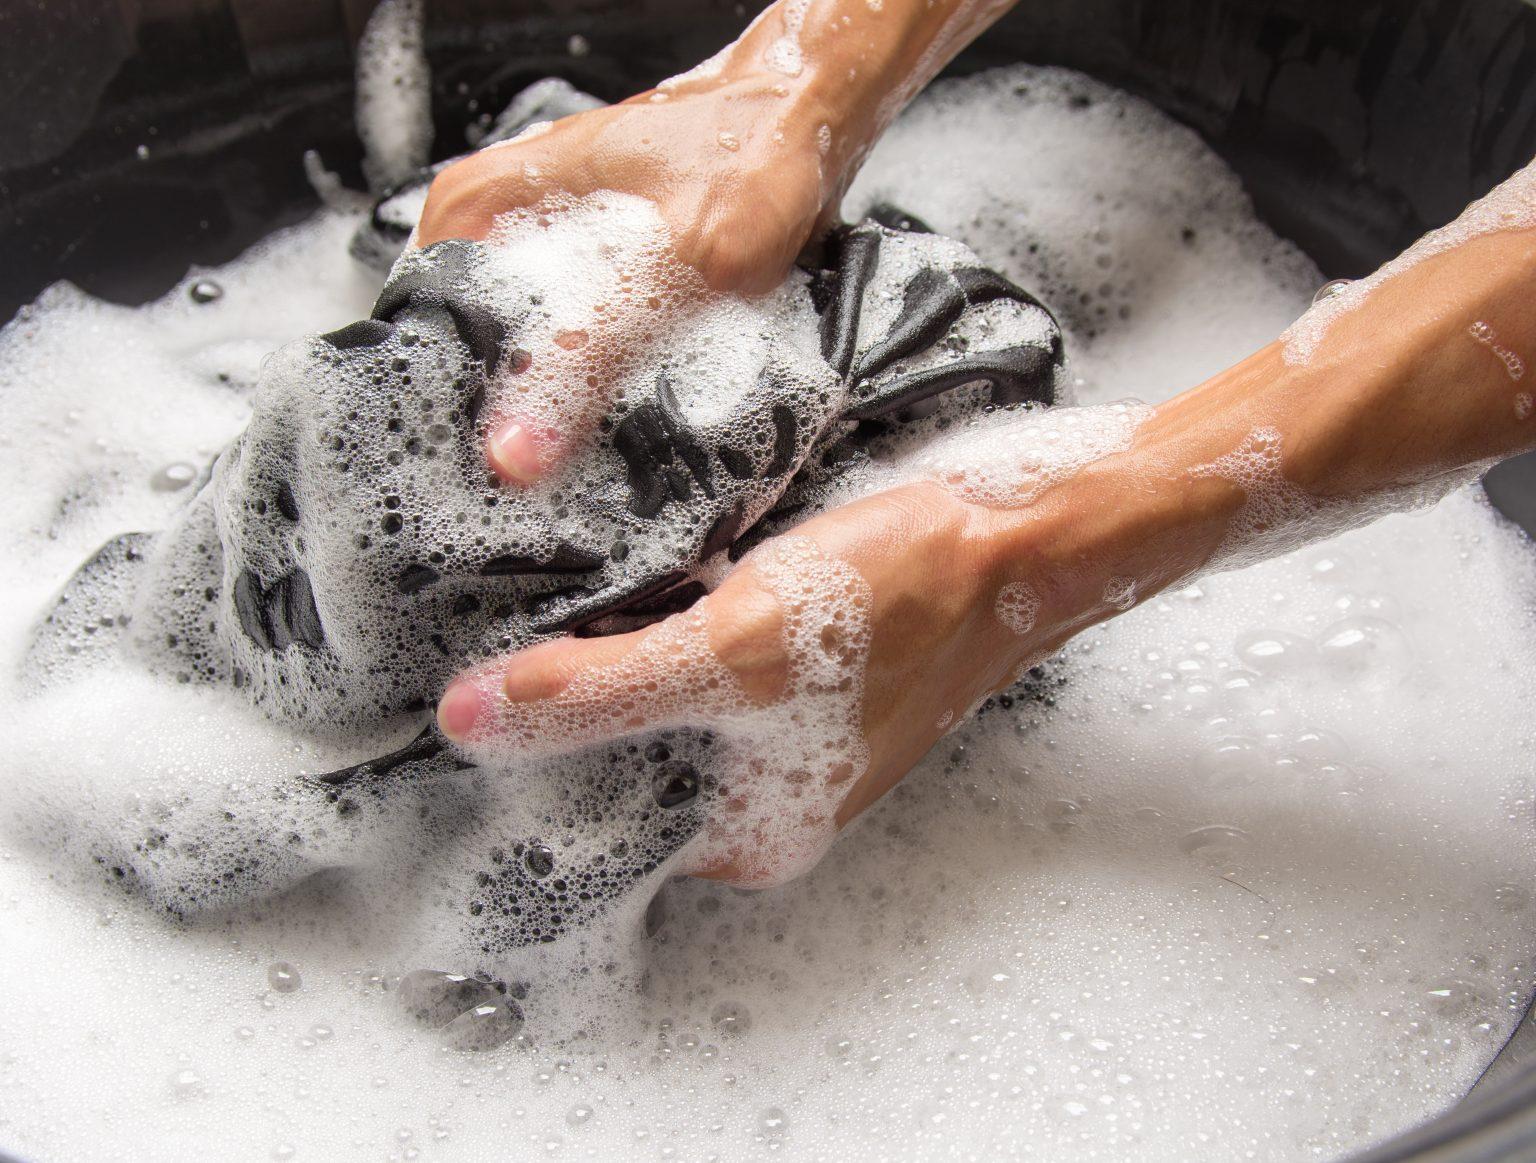 Hangi çamaşırlar elde yıkanmalıdır? Çamaşırlar elde nasıl daha iyi yıkanır?